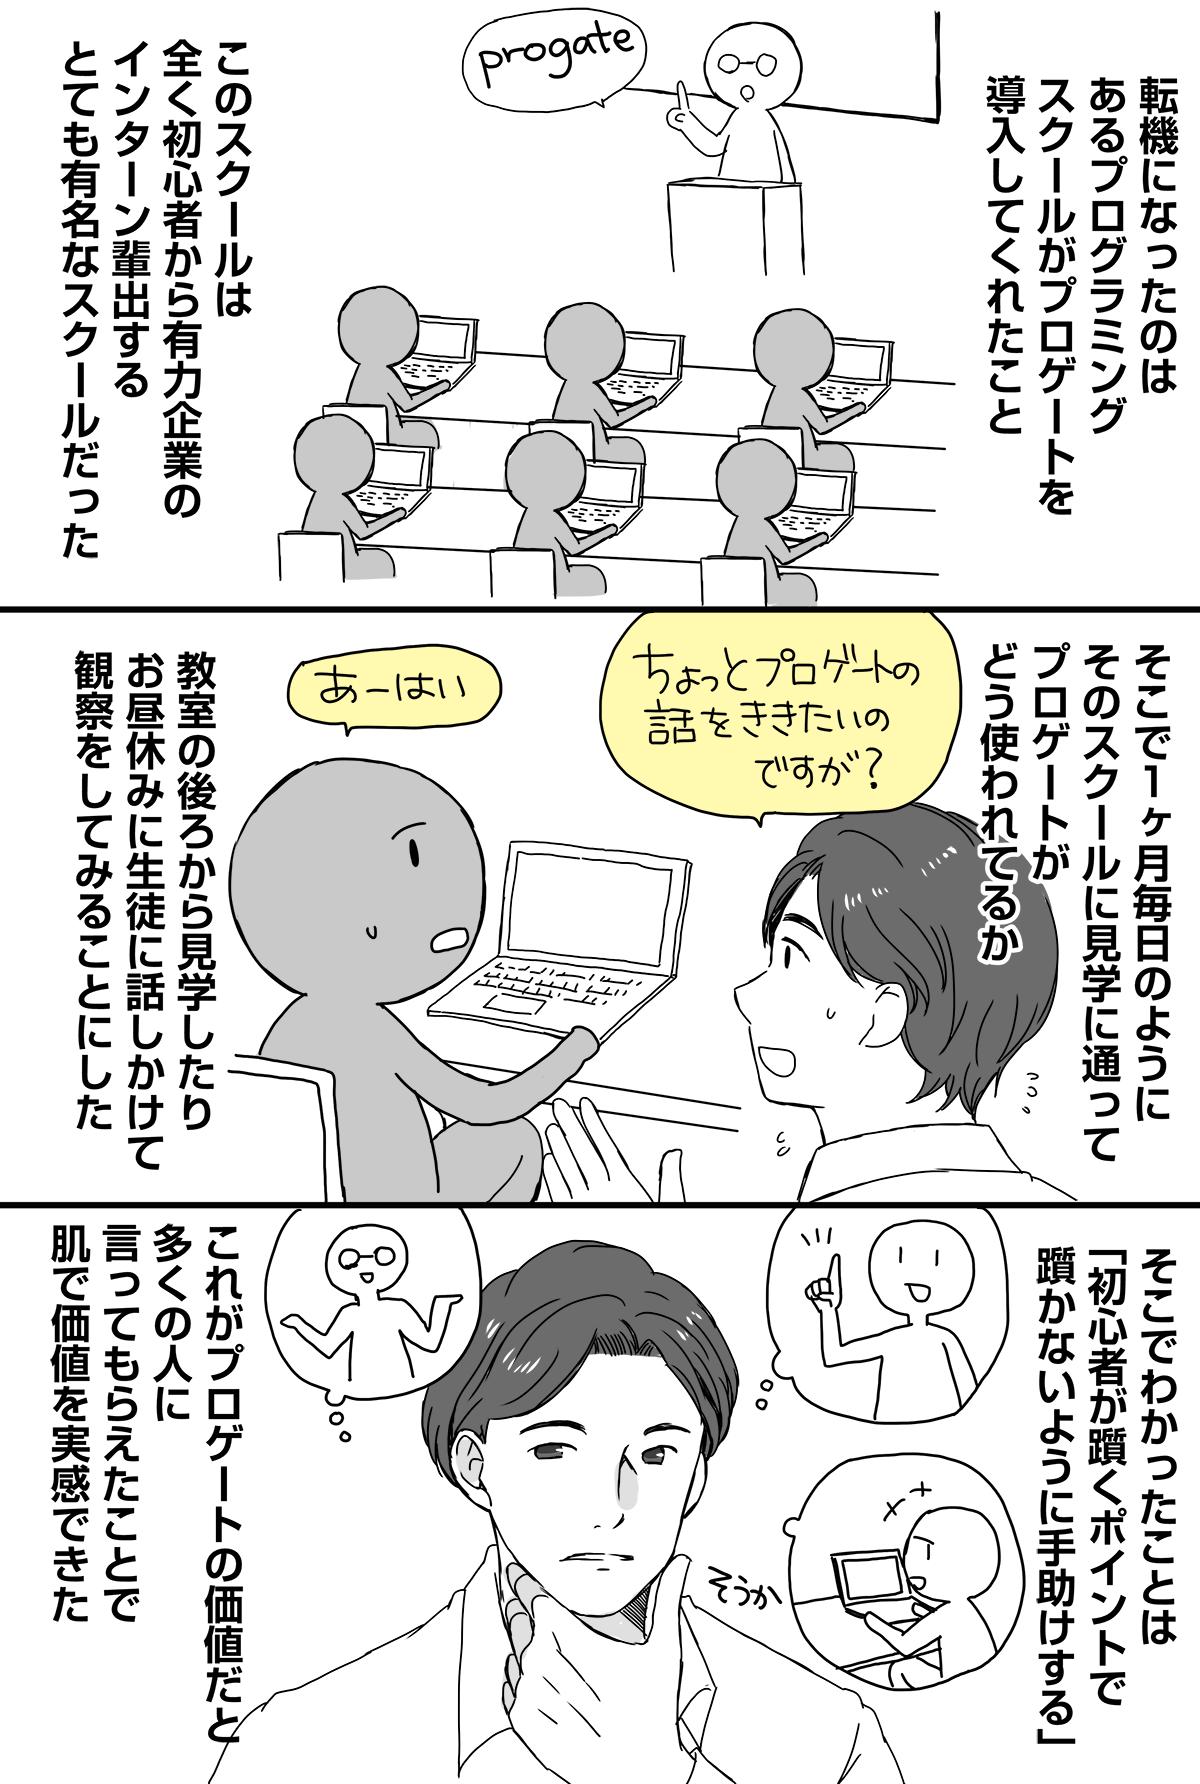 アプリマーケティング研究所 on Twitter in 2020 | Comics, Design